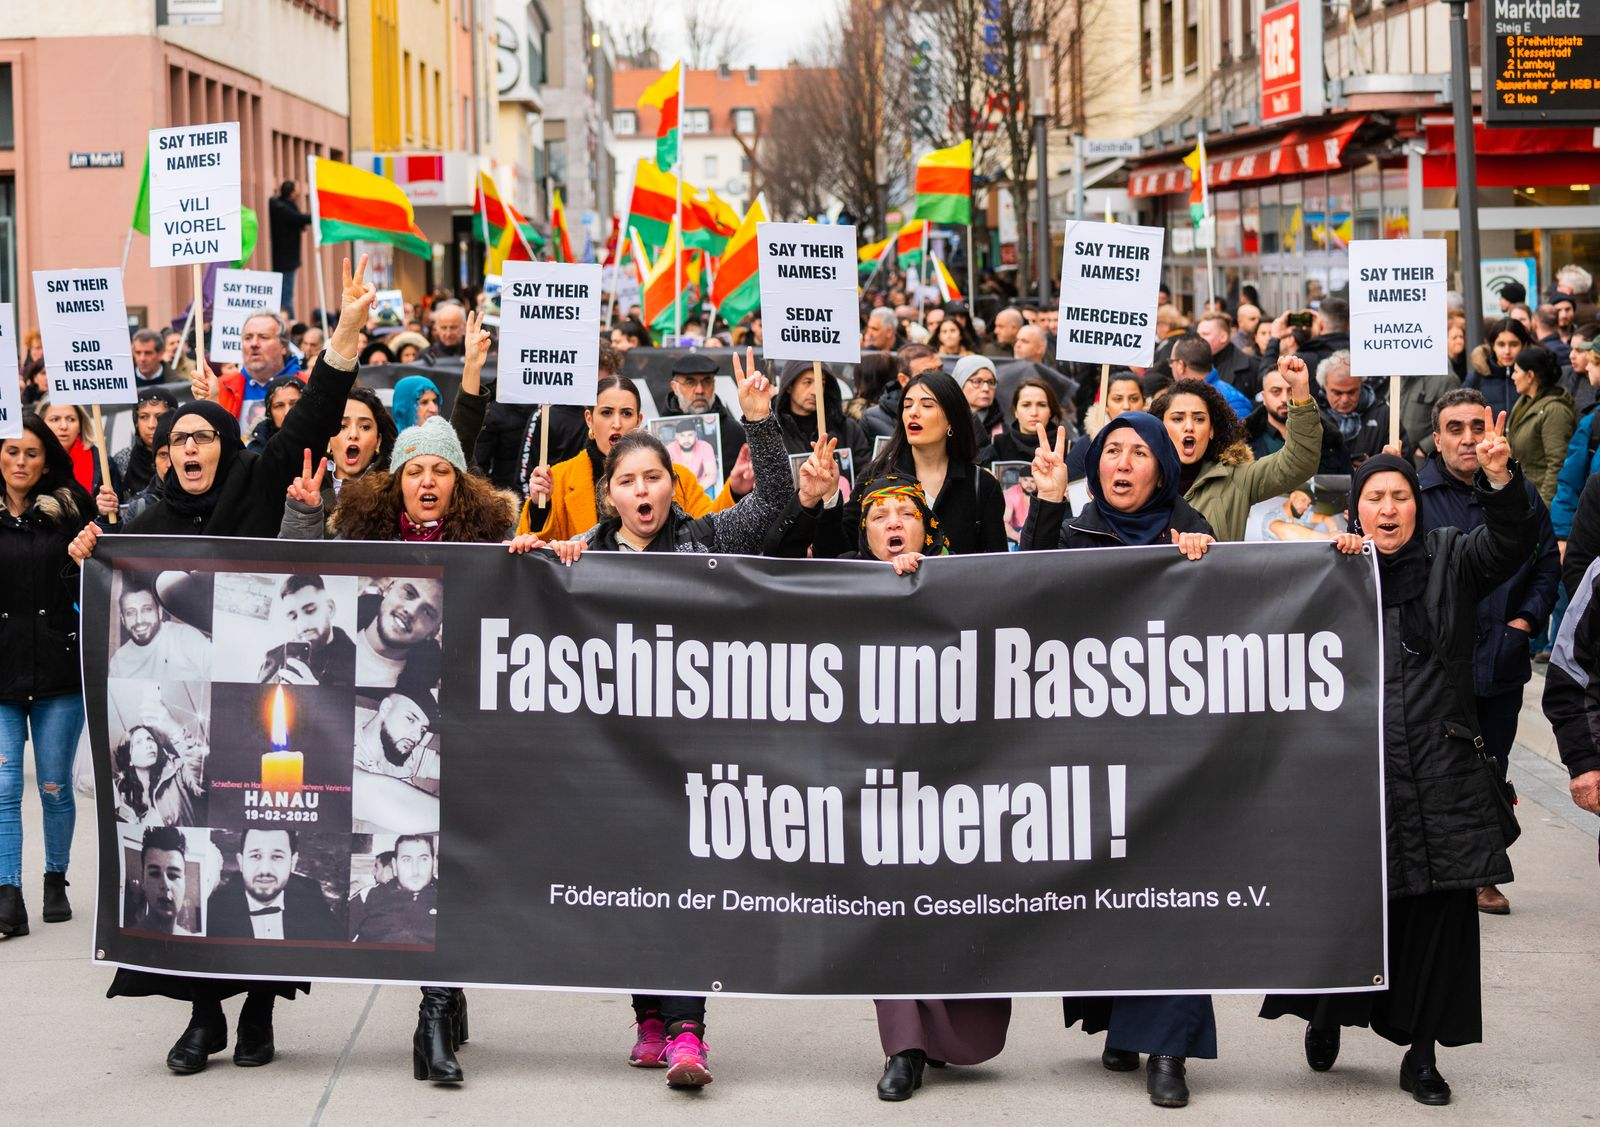 Nach Schüssen in Hanau - Demonstration